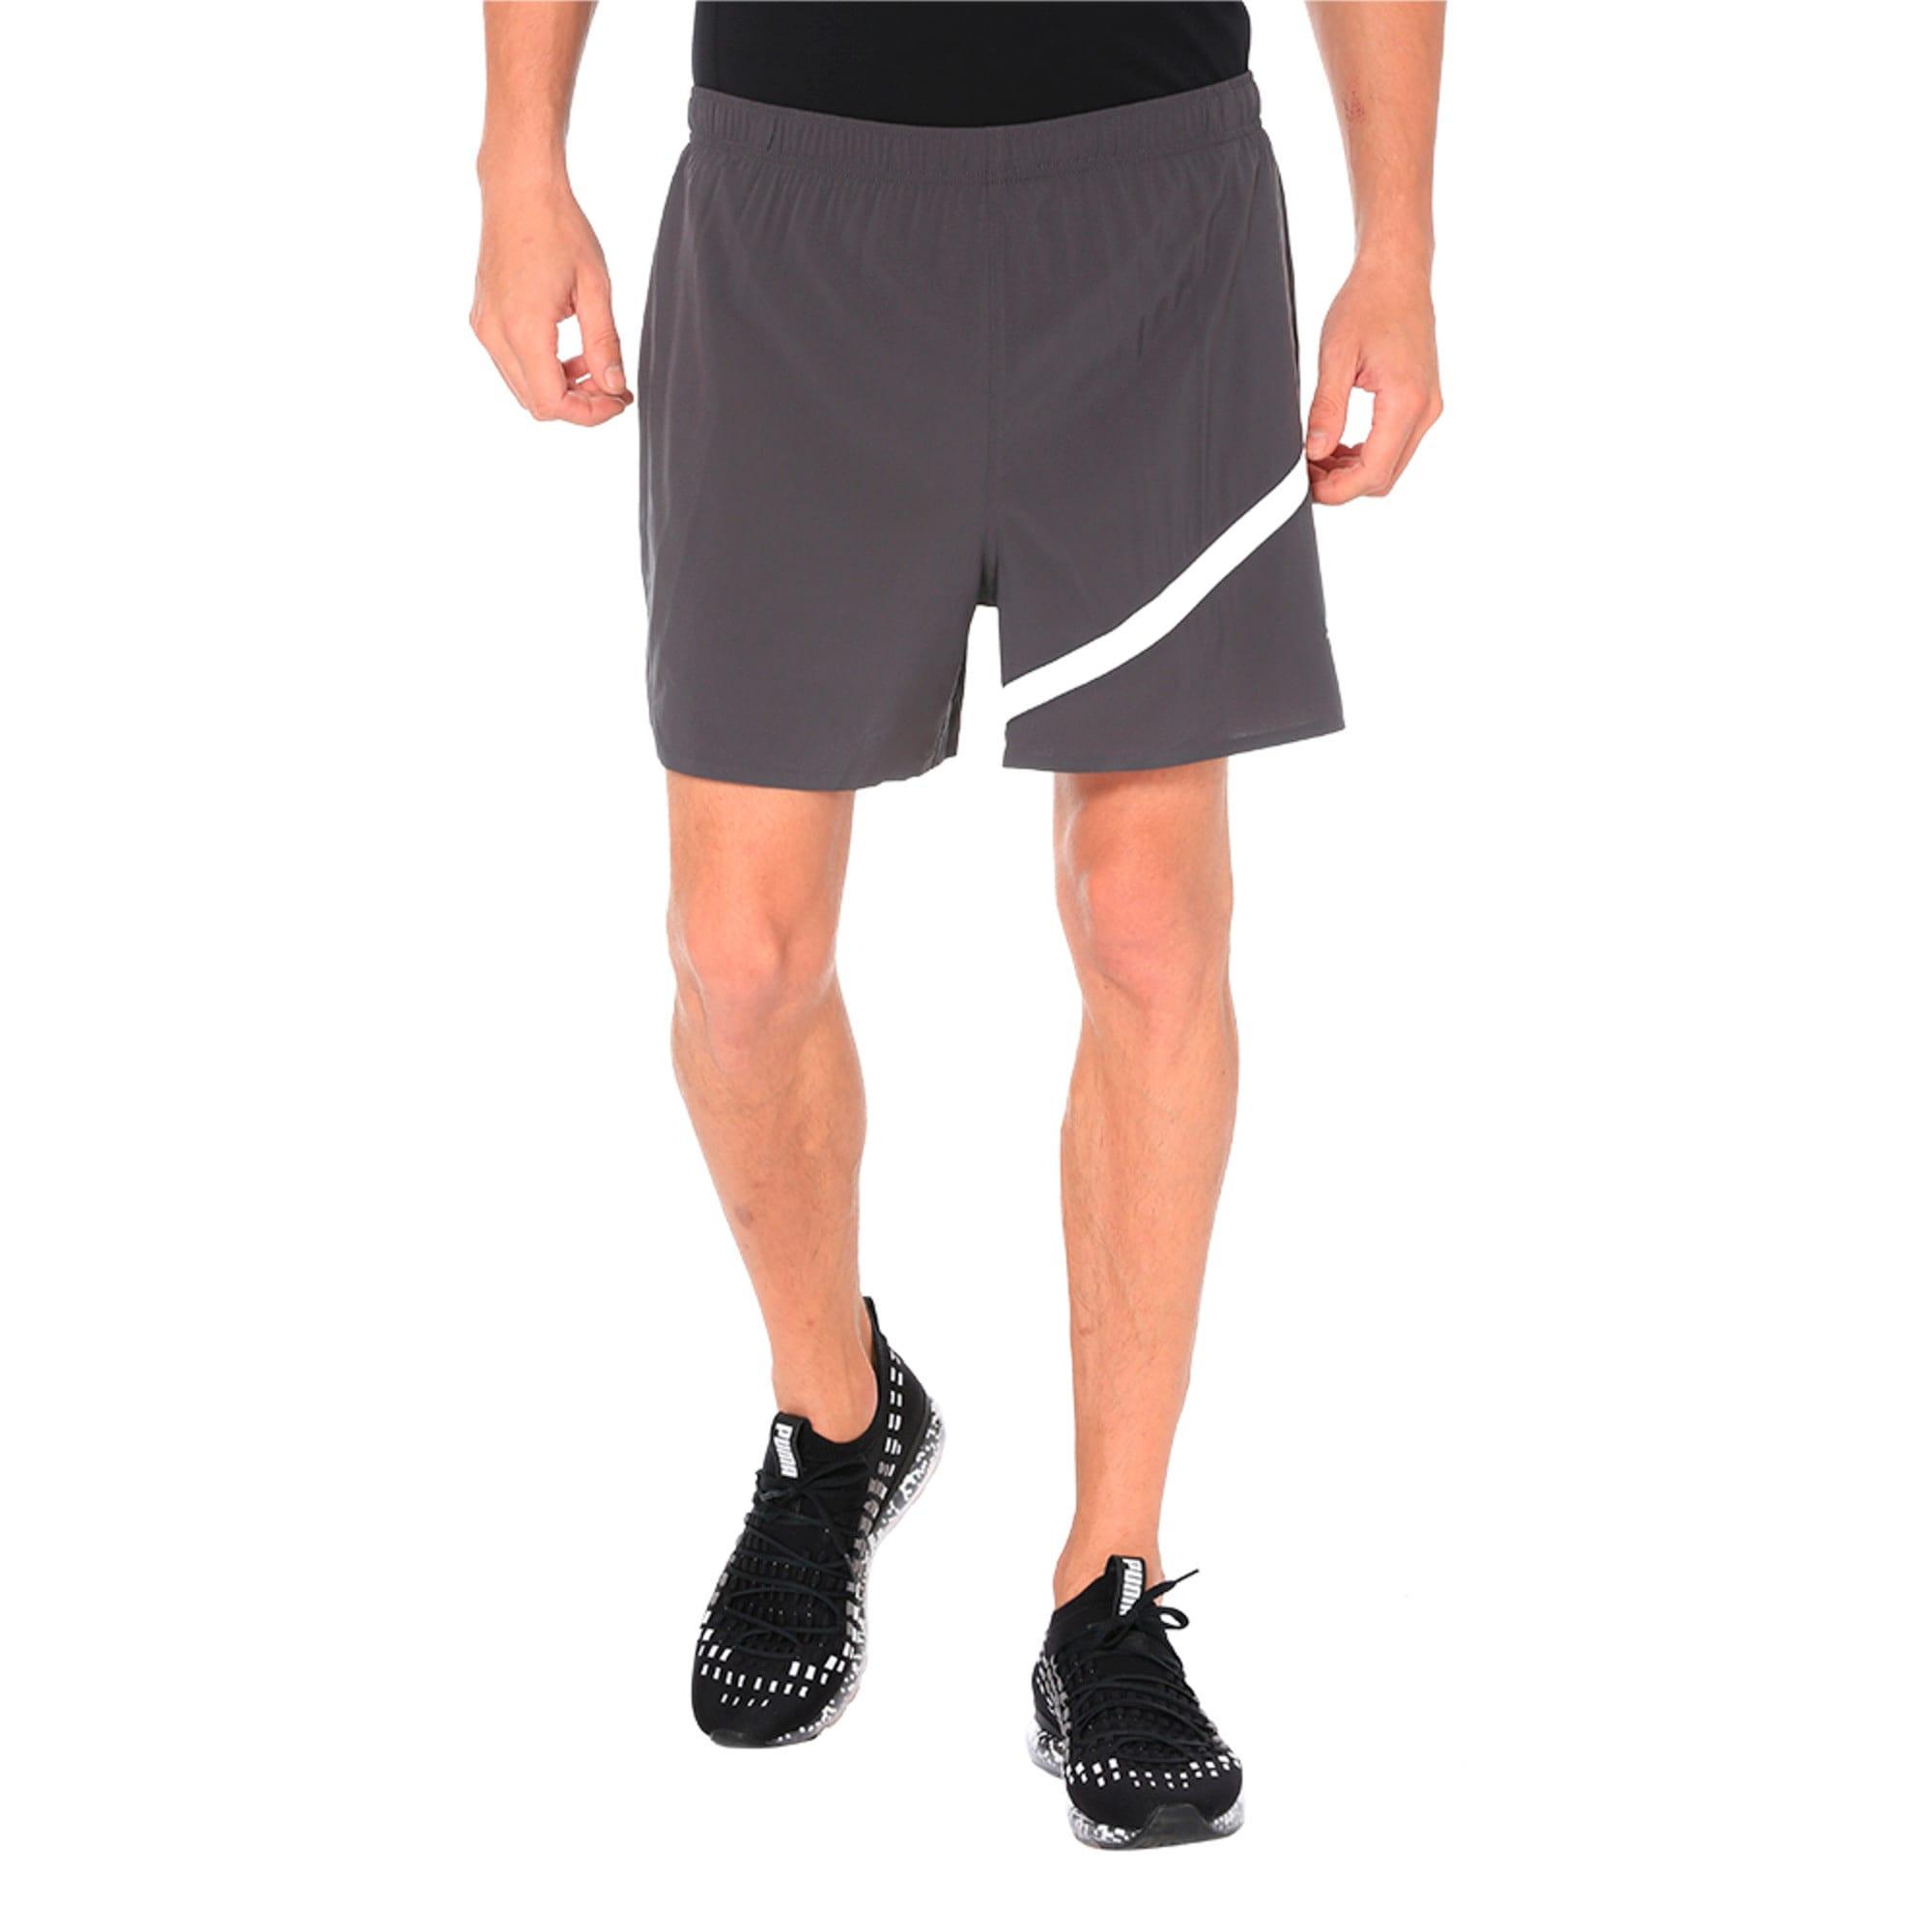 """Thumbnail 4 of Pace 5"""" Men's Running Shorts, Asphalt, medium-IND"""